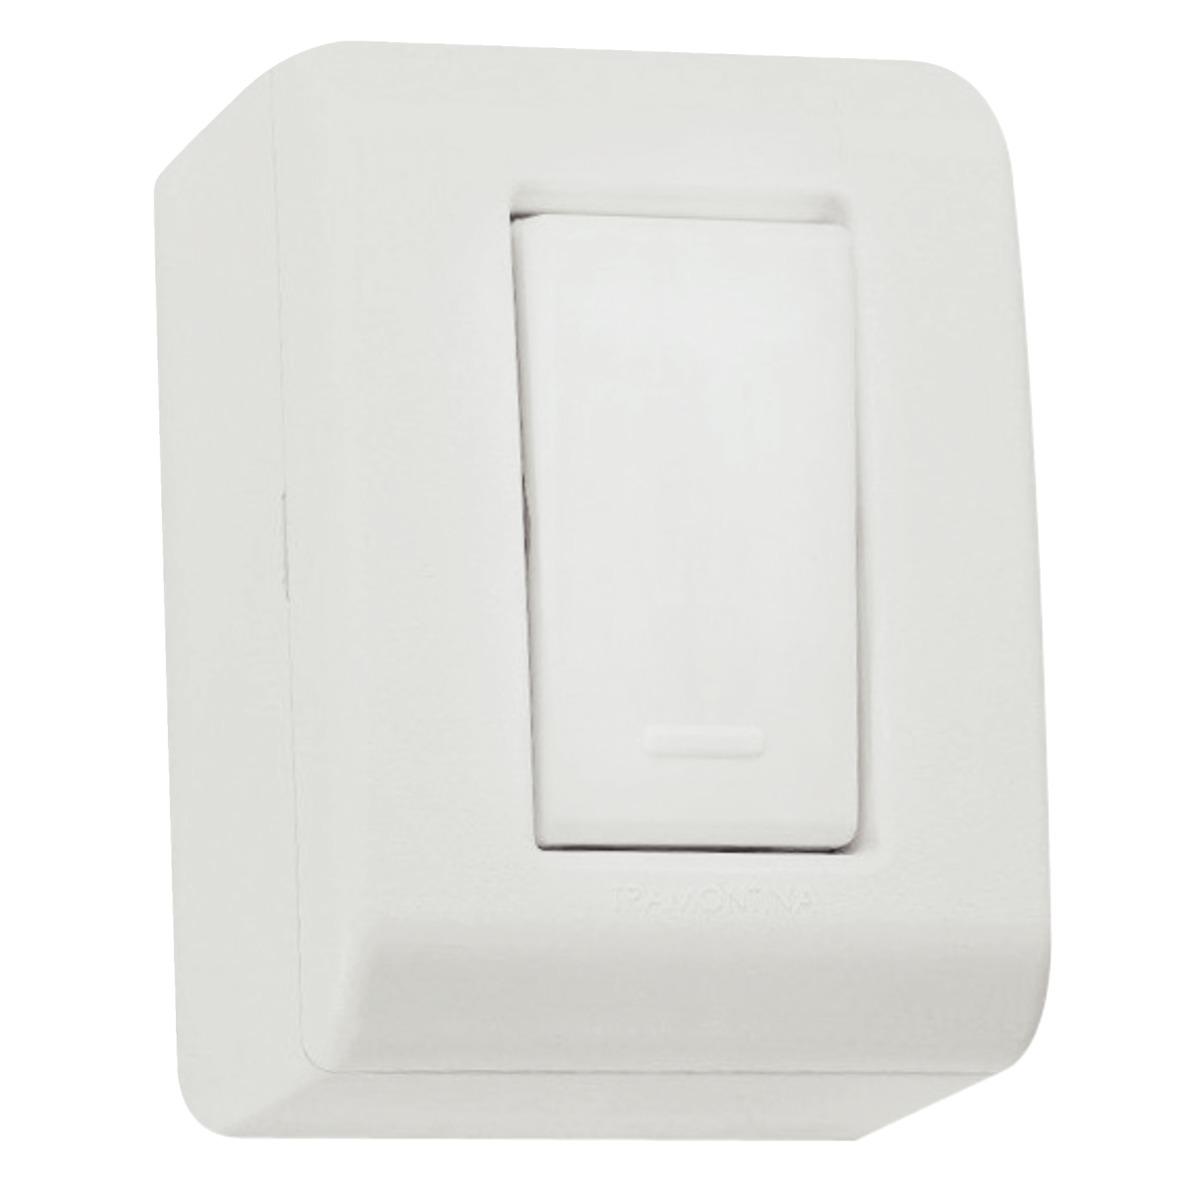 CX C/1 Interruptor Simples Sist X Lizflex 57304/001 Tramon